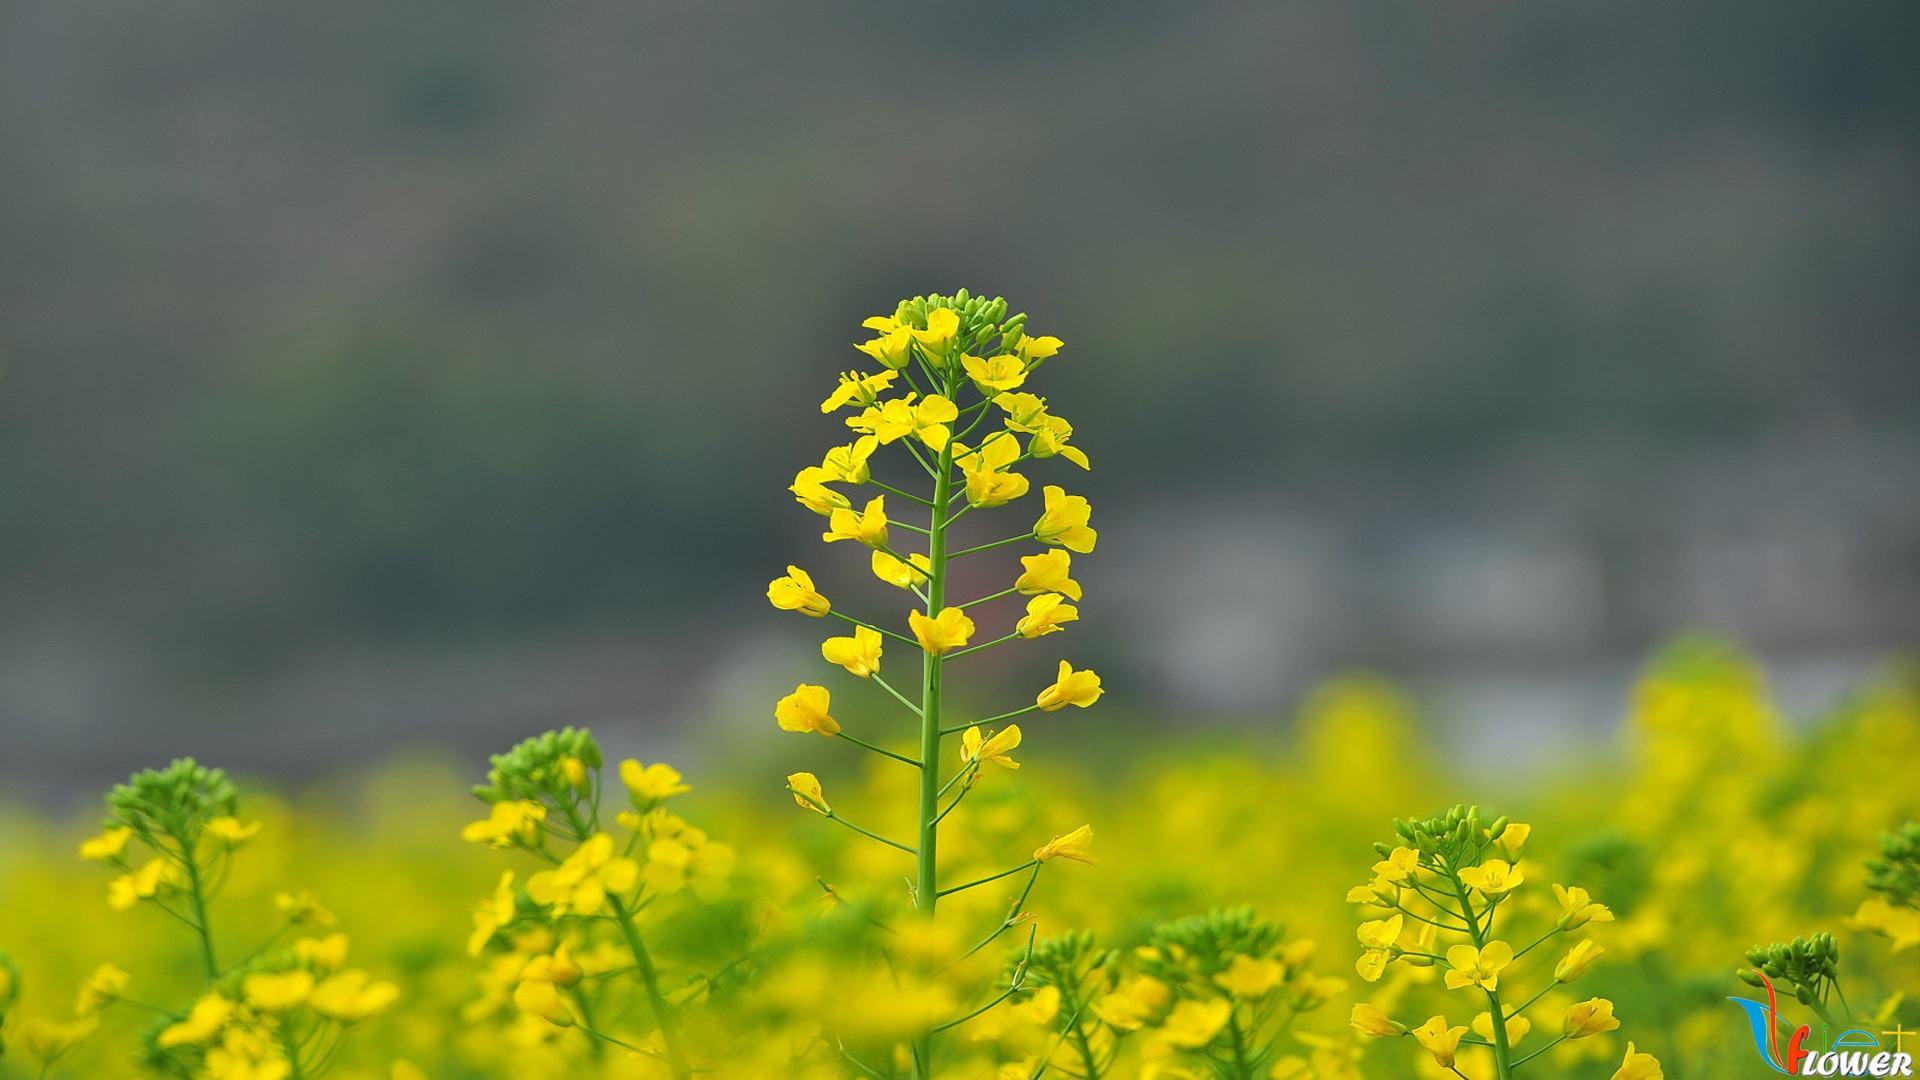 cánh đồng hoa cải đẹp như mơ